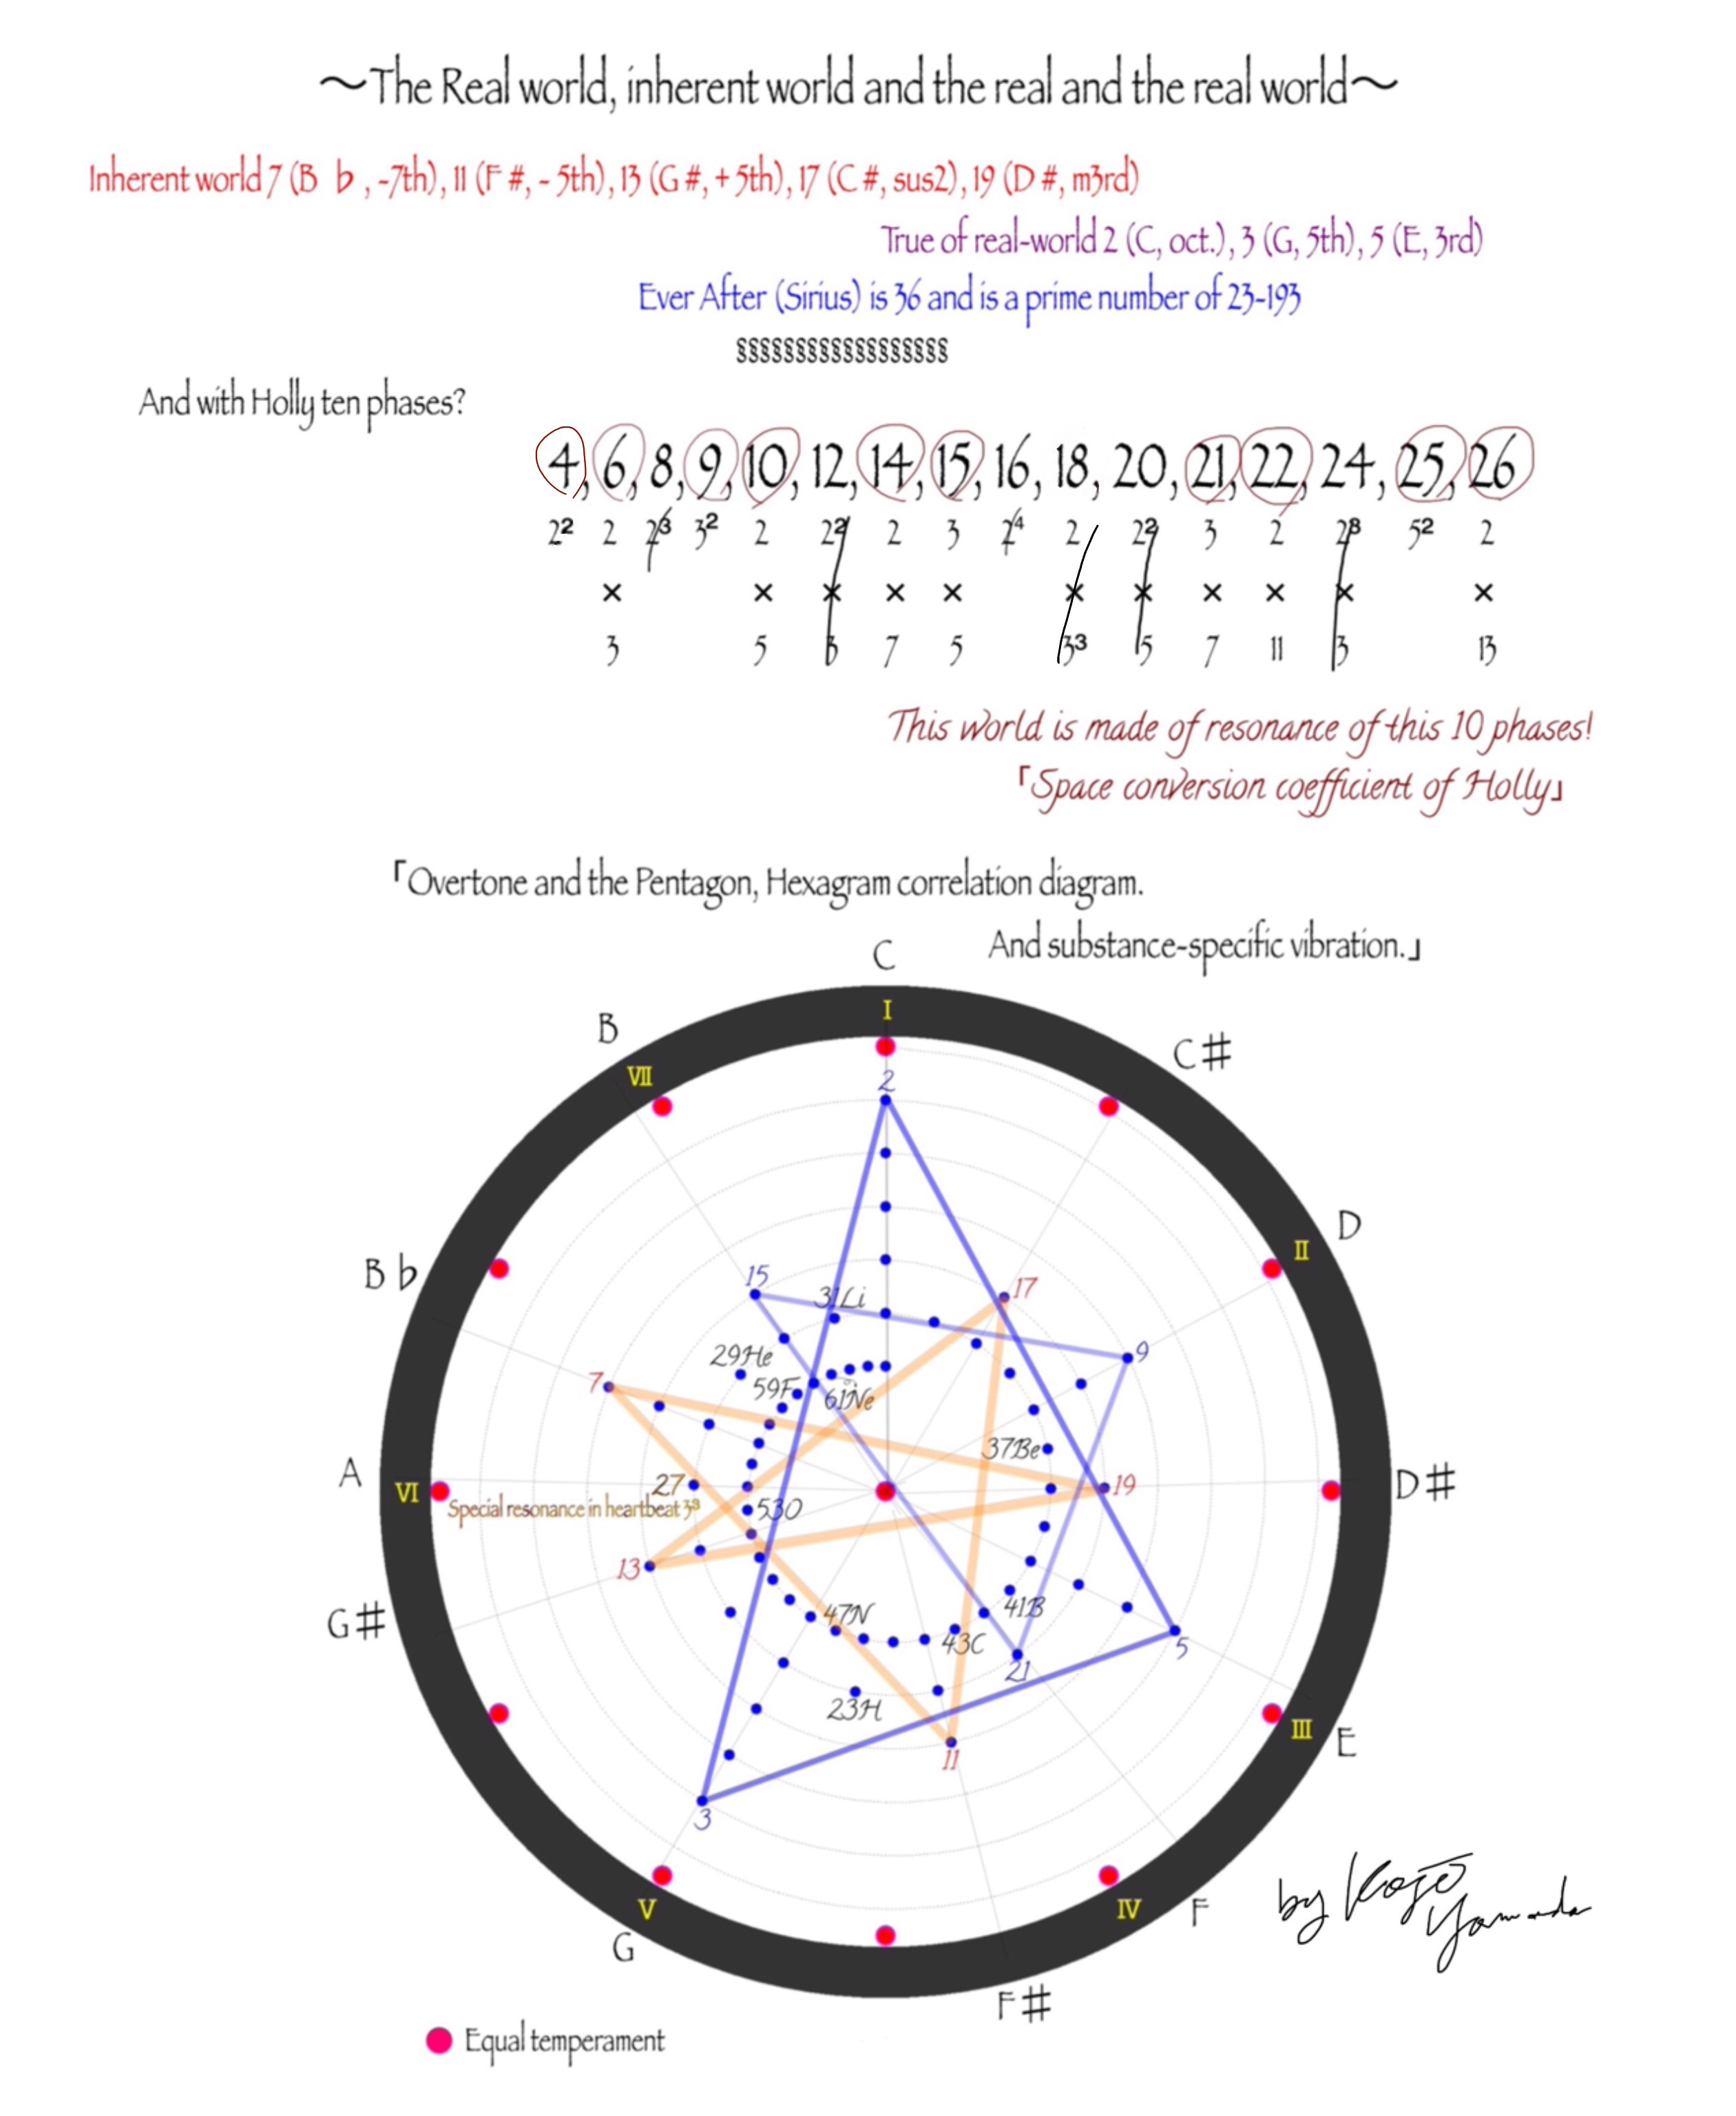 図_ホリーの現象転換係数